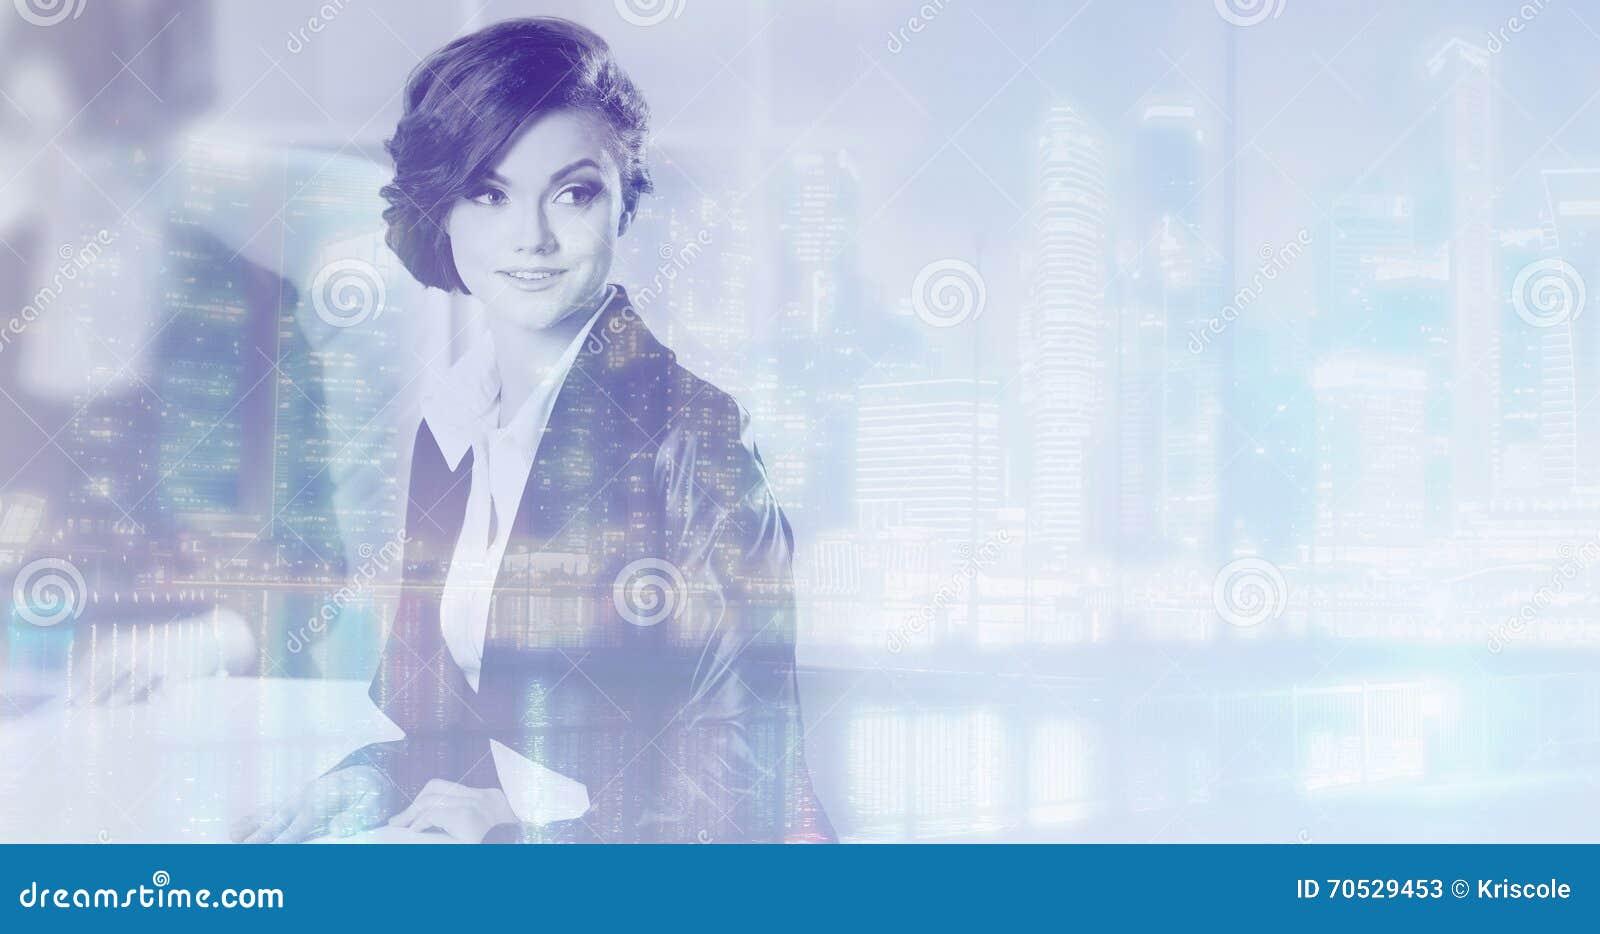 Διπλή έννοια έκθεσης με την επιχειρησιακές γυναίκα και τη μητρόπολη στο υπόβαθρο Με τα ειδικά αποτελέσματα φωτισμού